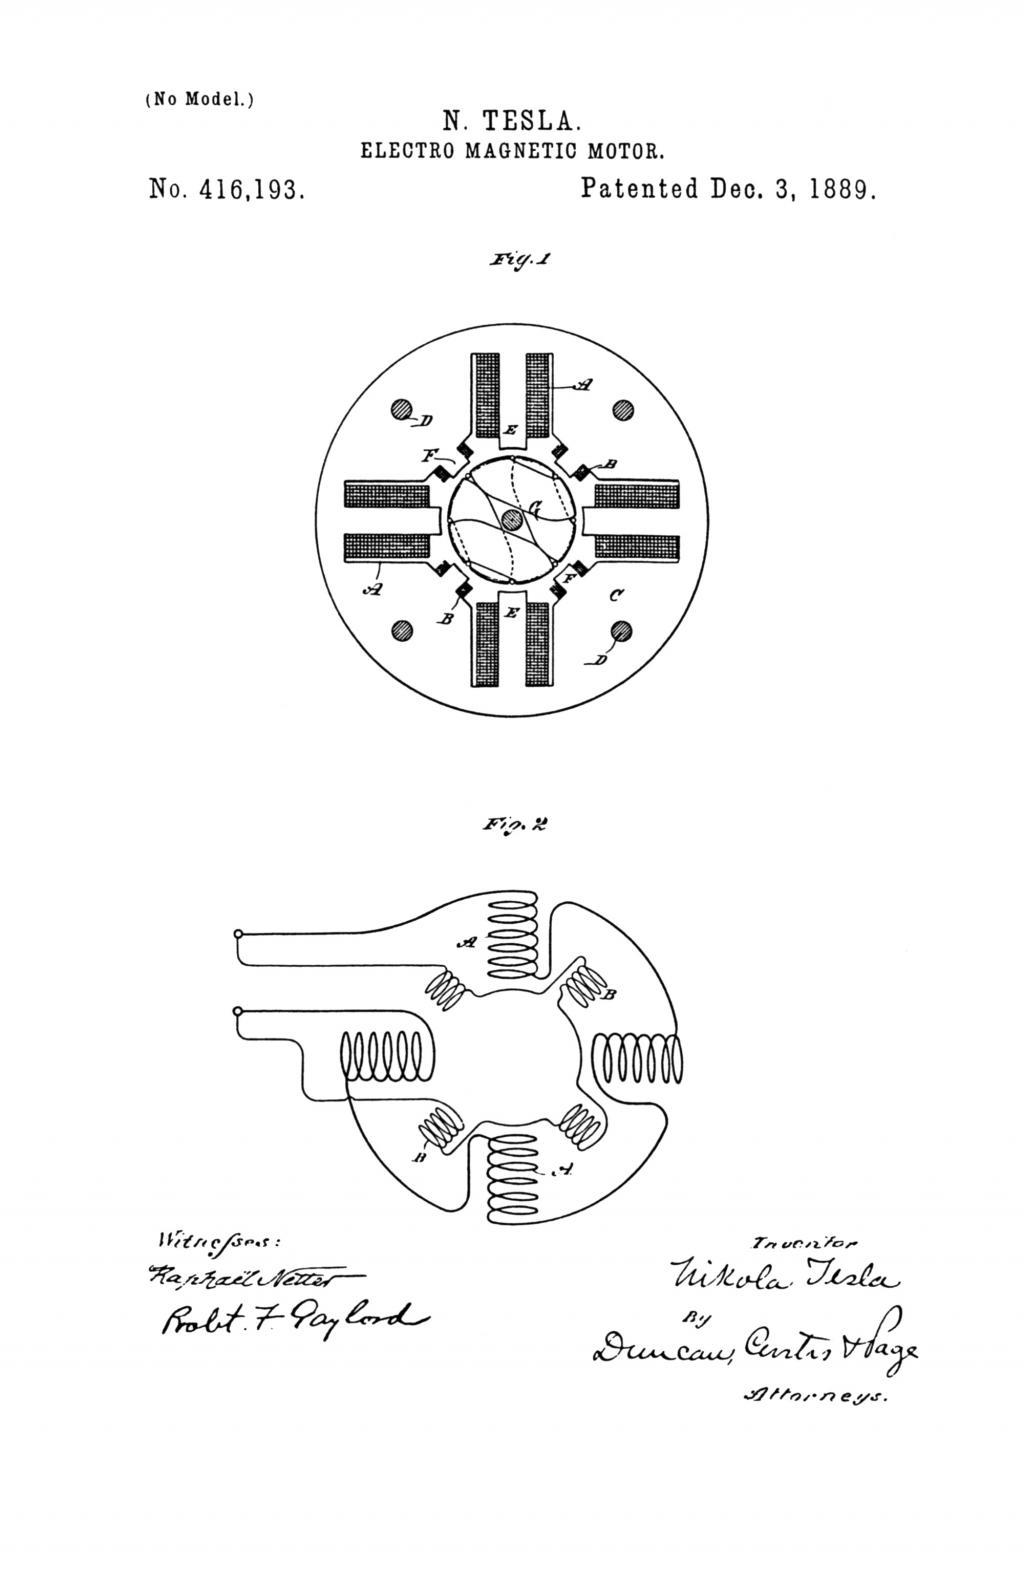 NIKOLA TESLA U.S. PATENT 416,193 - ELECTRO-MAGNETIC MOTOR